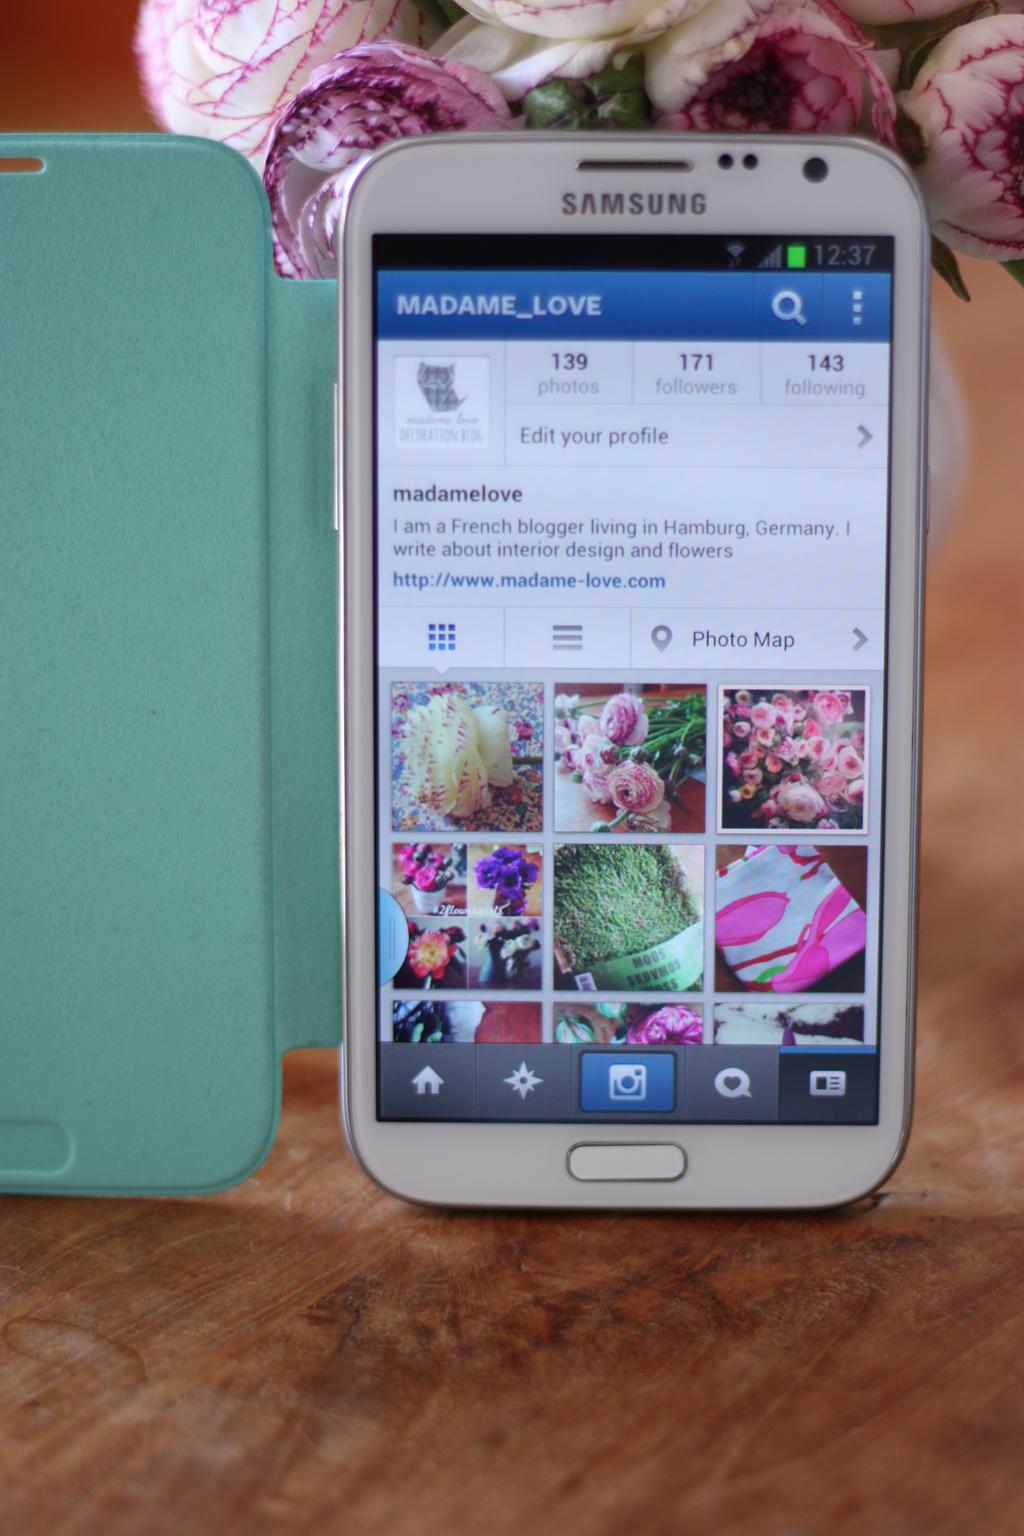 Samsung_by_madamelove